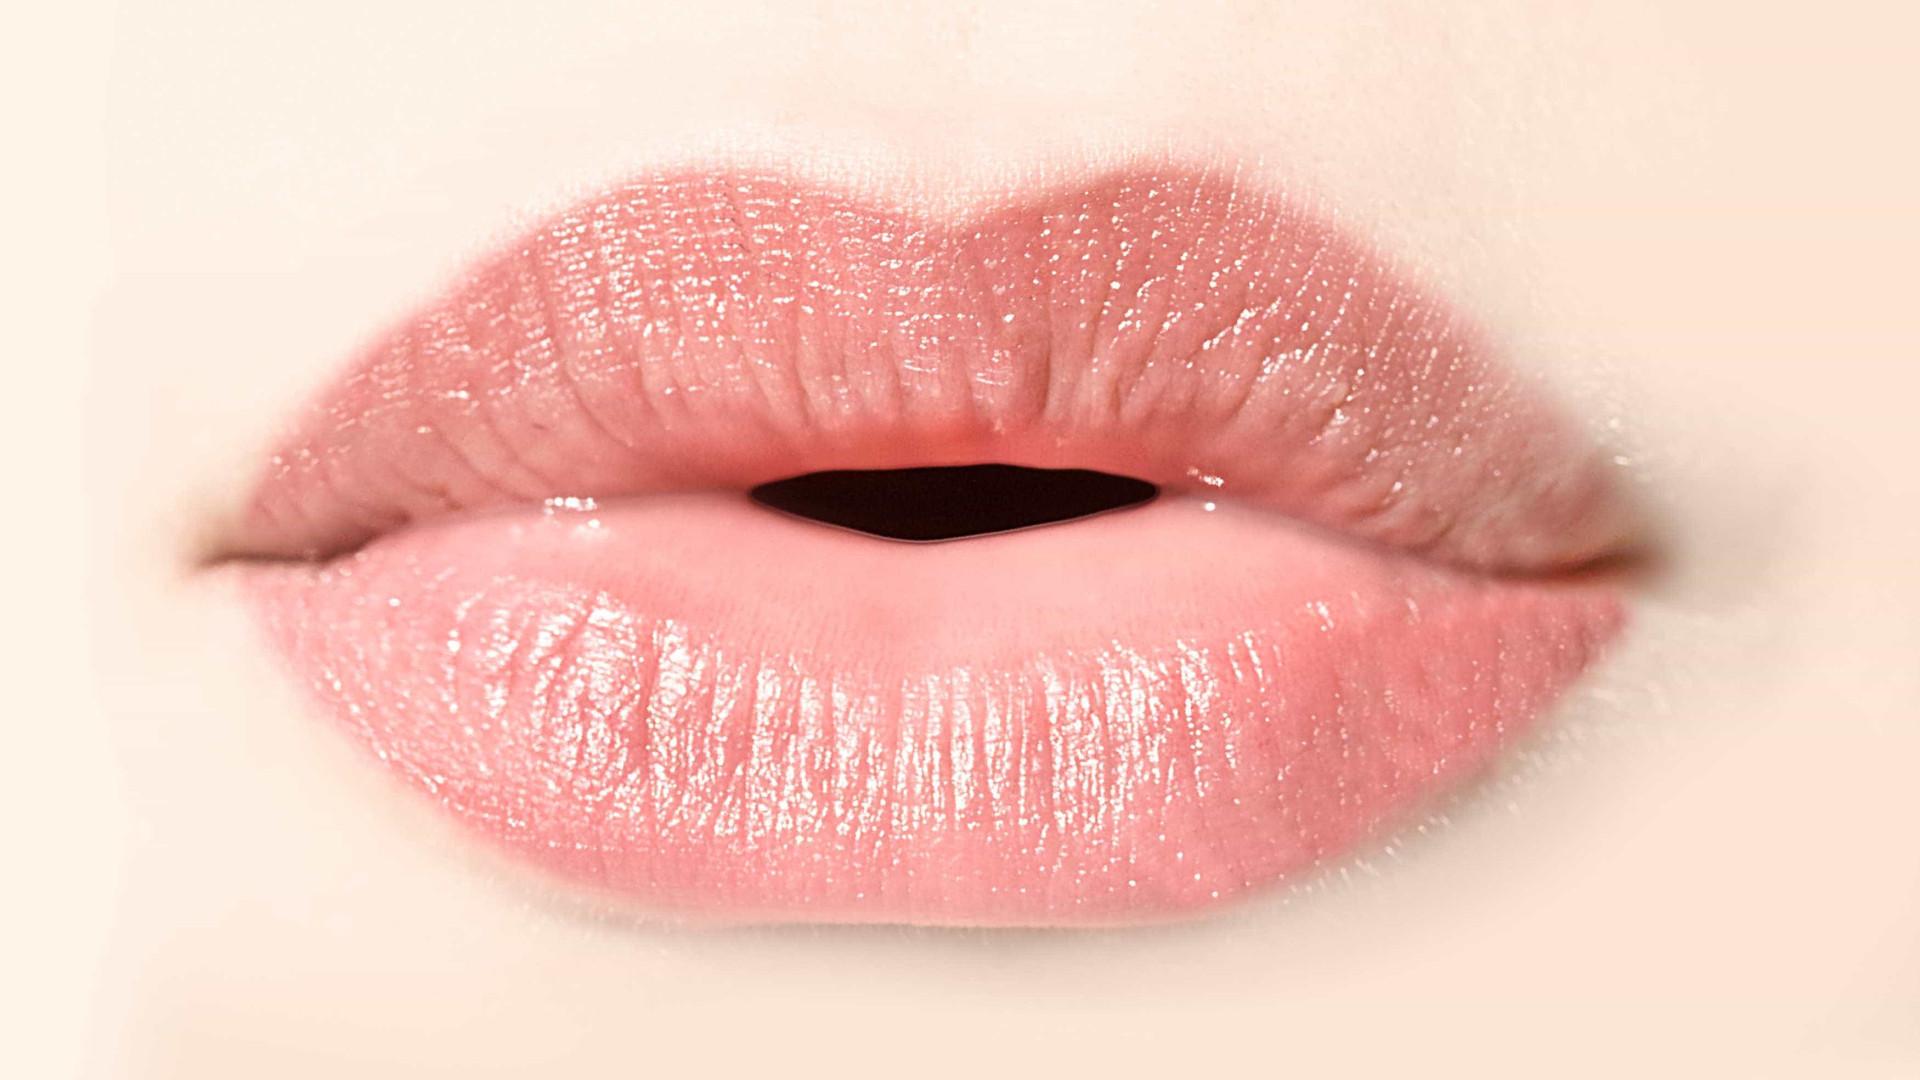 Lábios secos? Conheça as principais causas e como resolver o problema